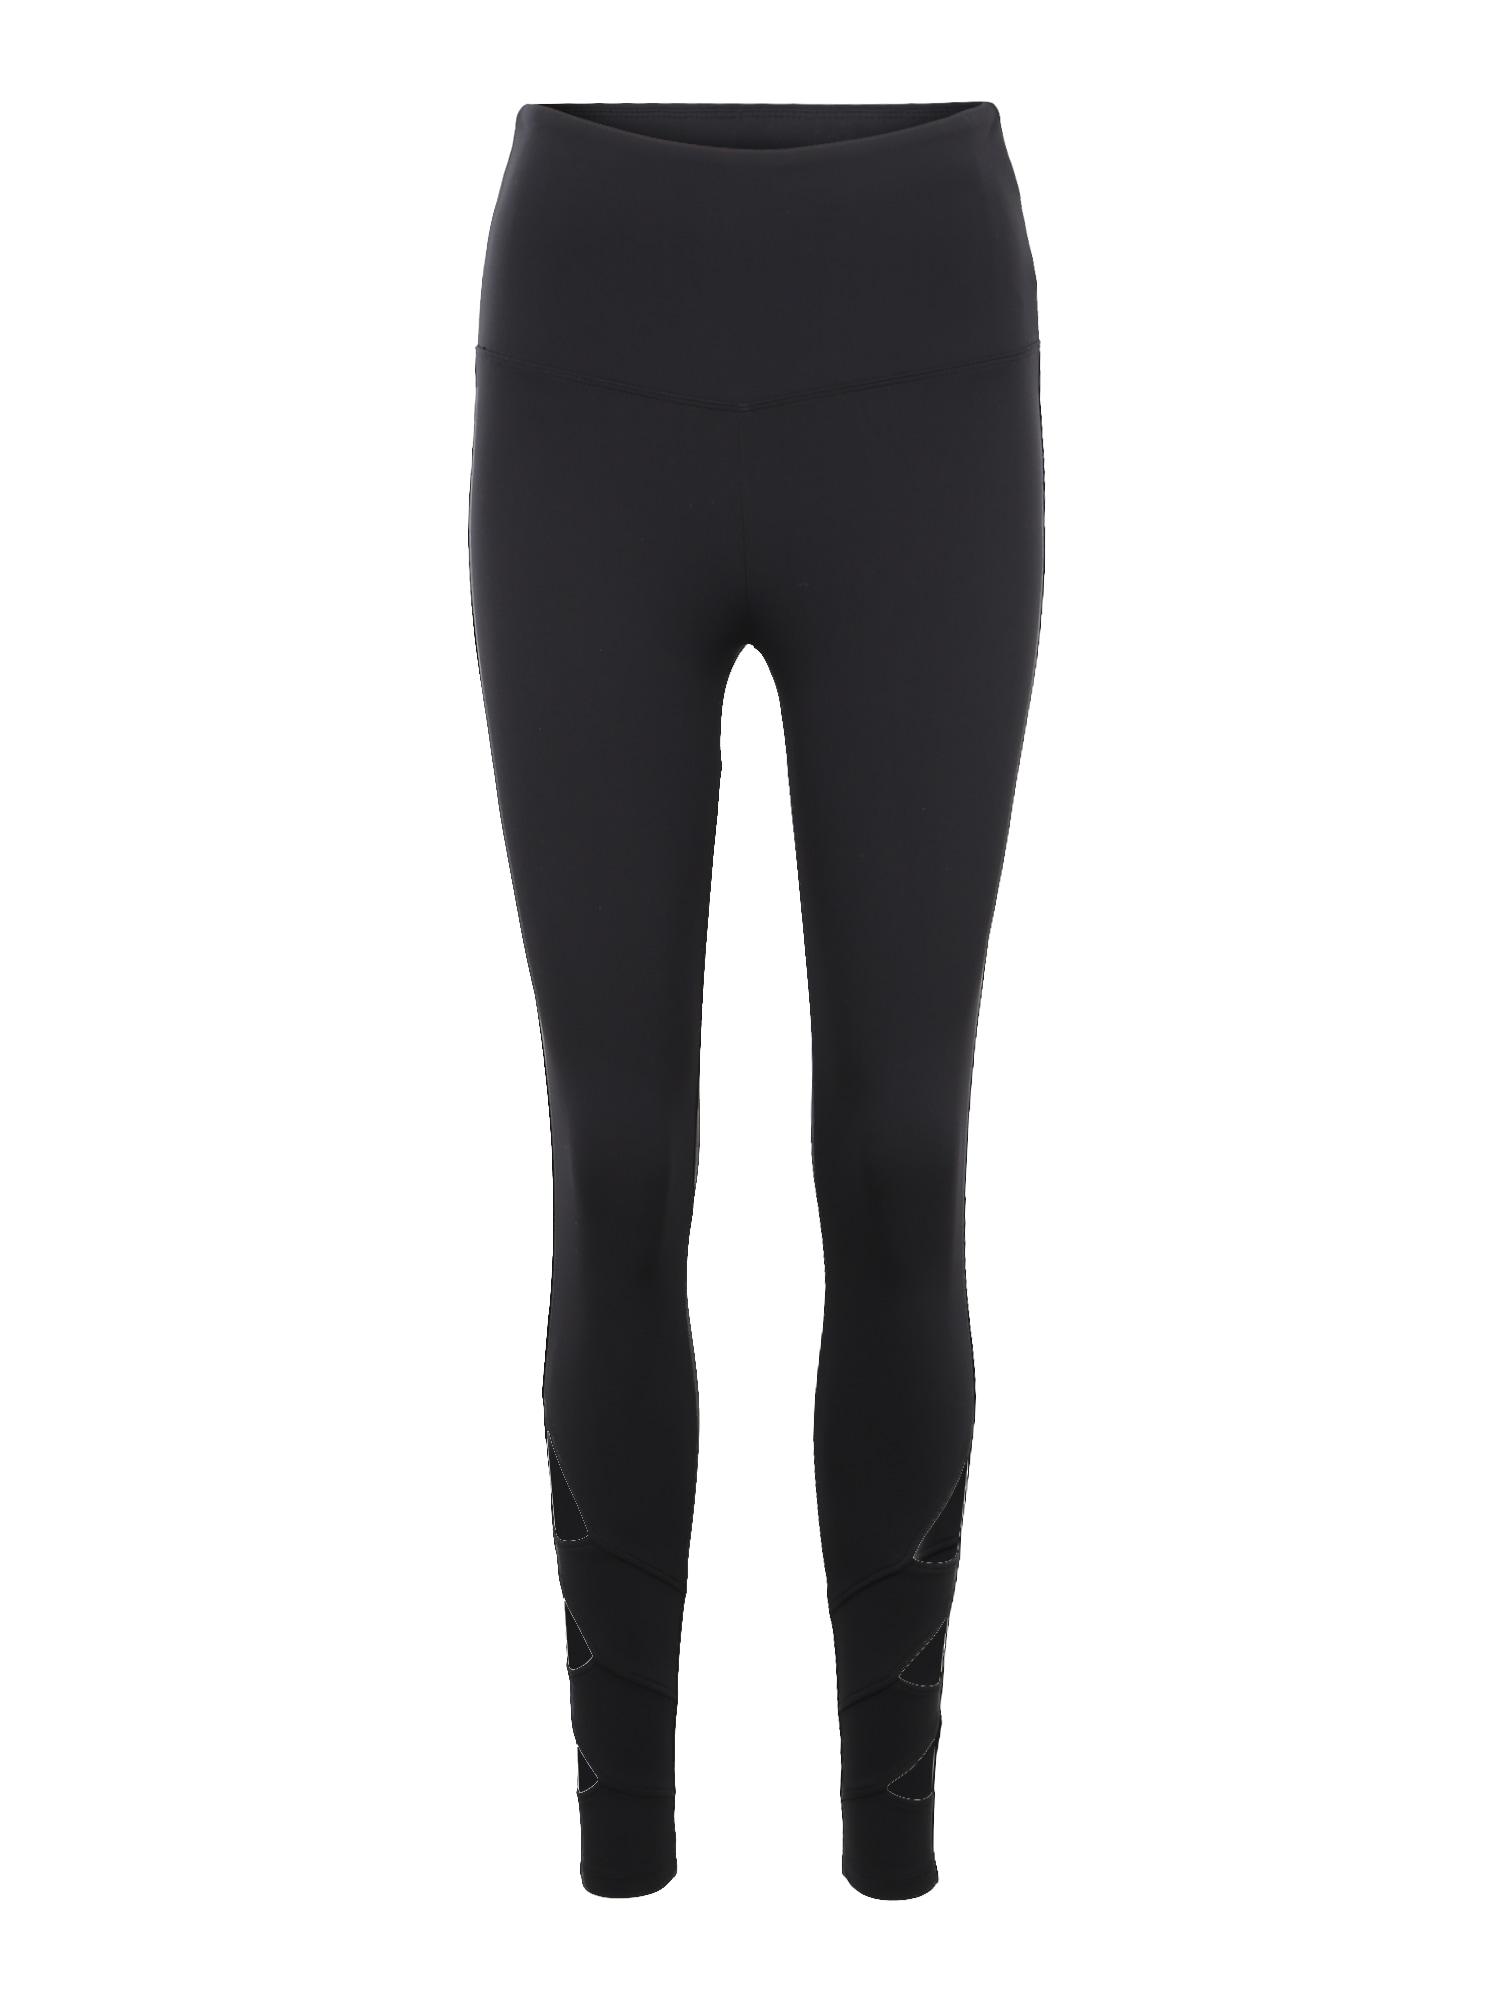 Sportovní kalhoty CALISTA LEGGING černá Marika